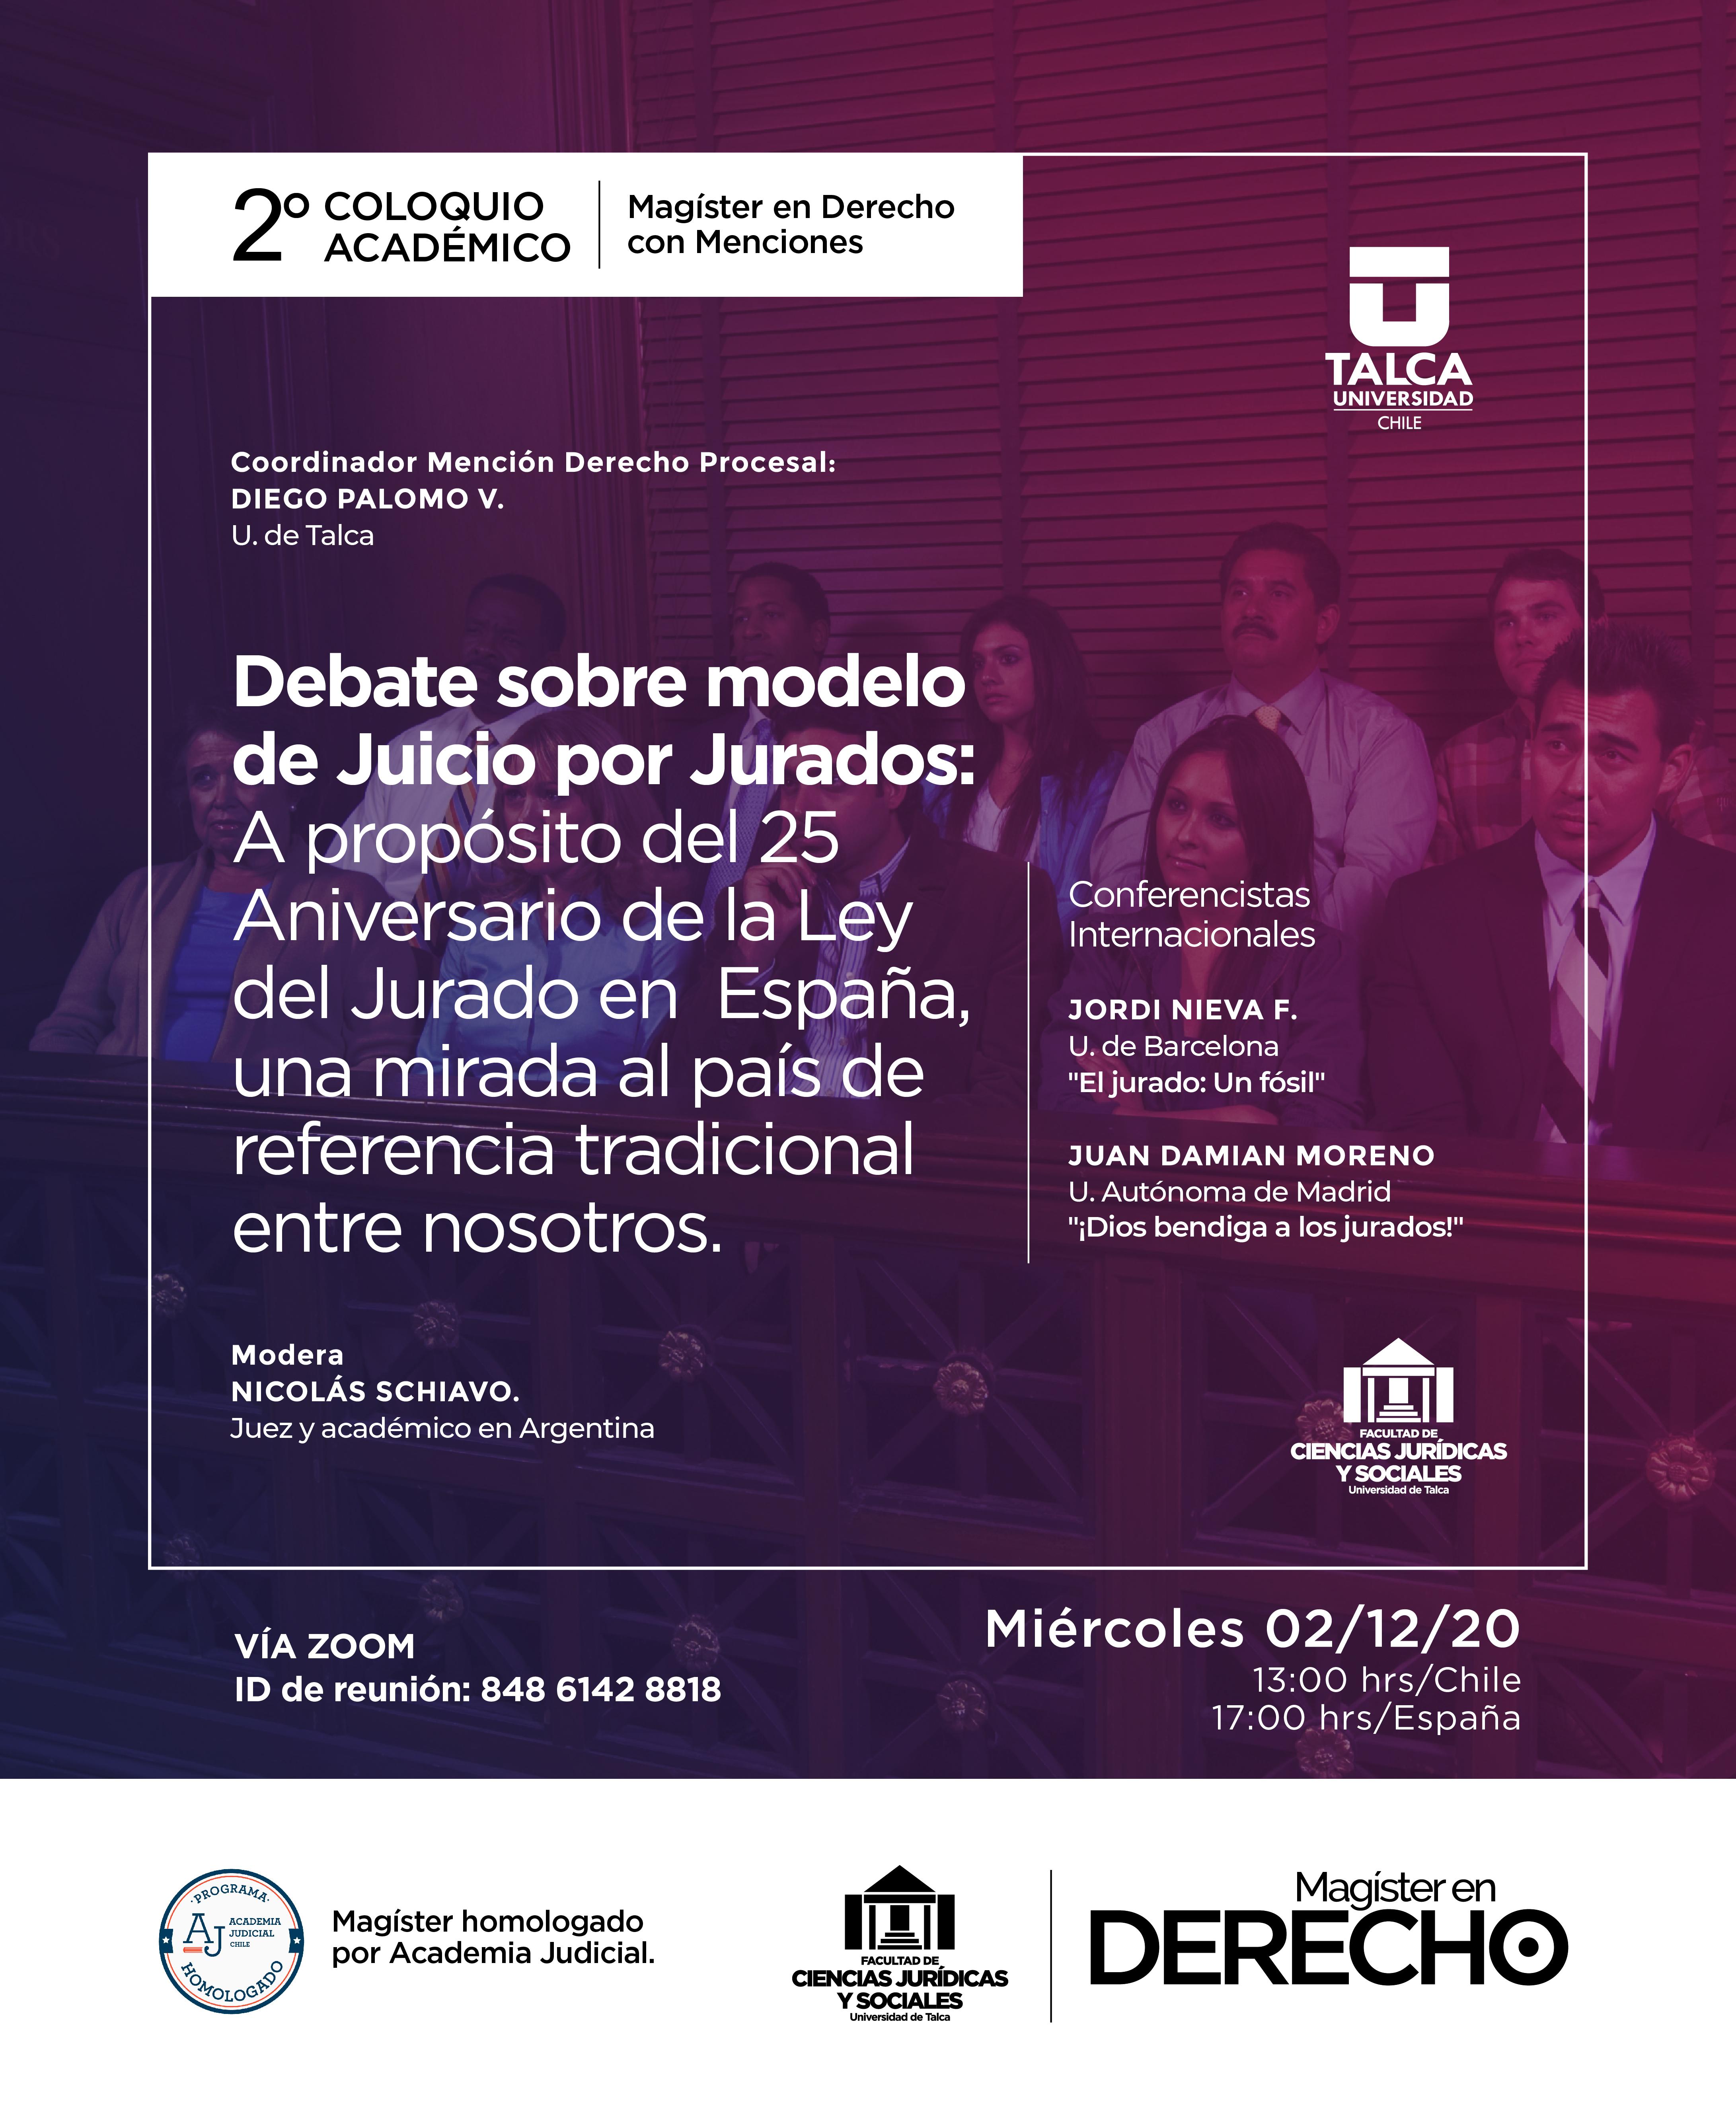 COLOQUIO, DEBATE SOBRE MODELO DE JUICIOS POR JURADOS